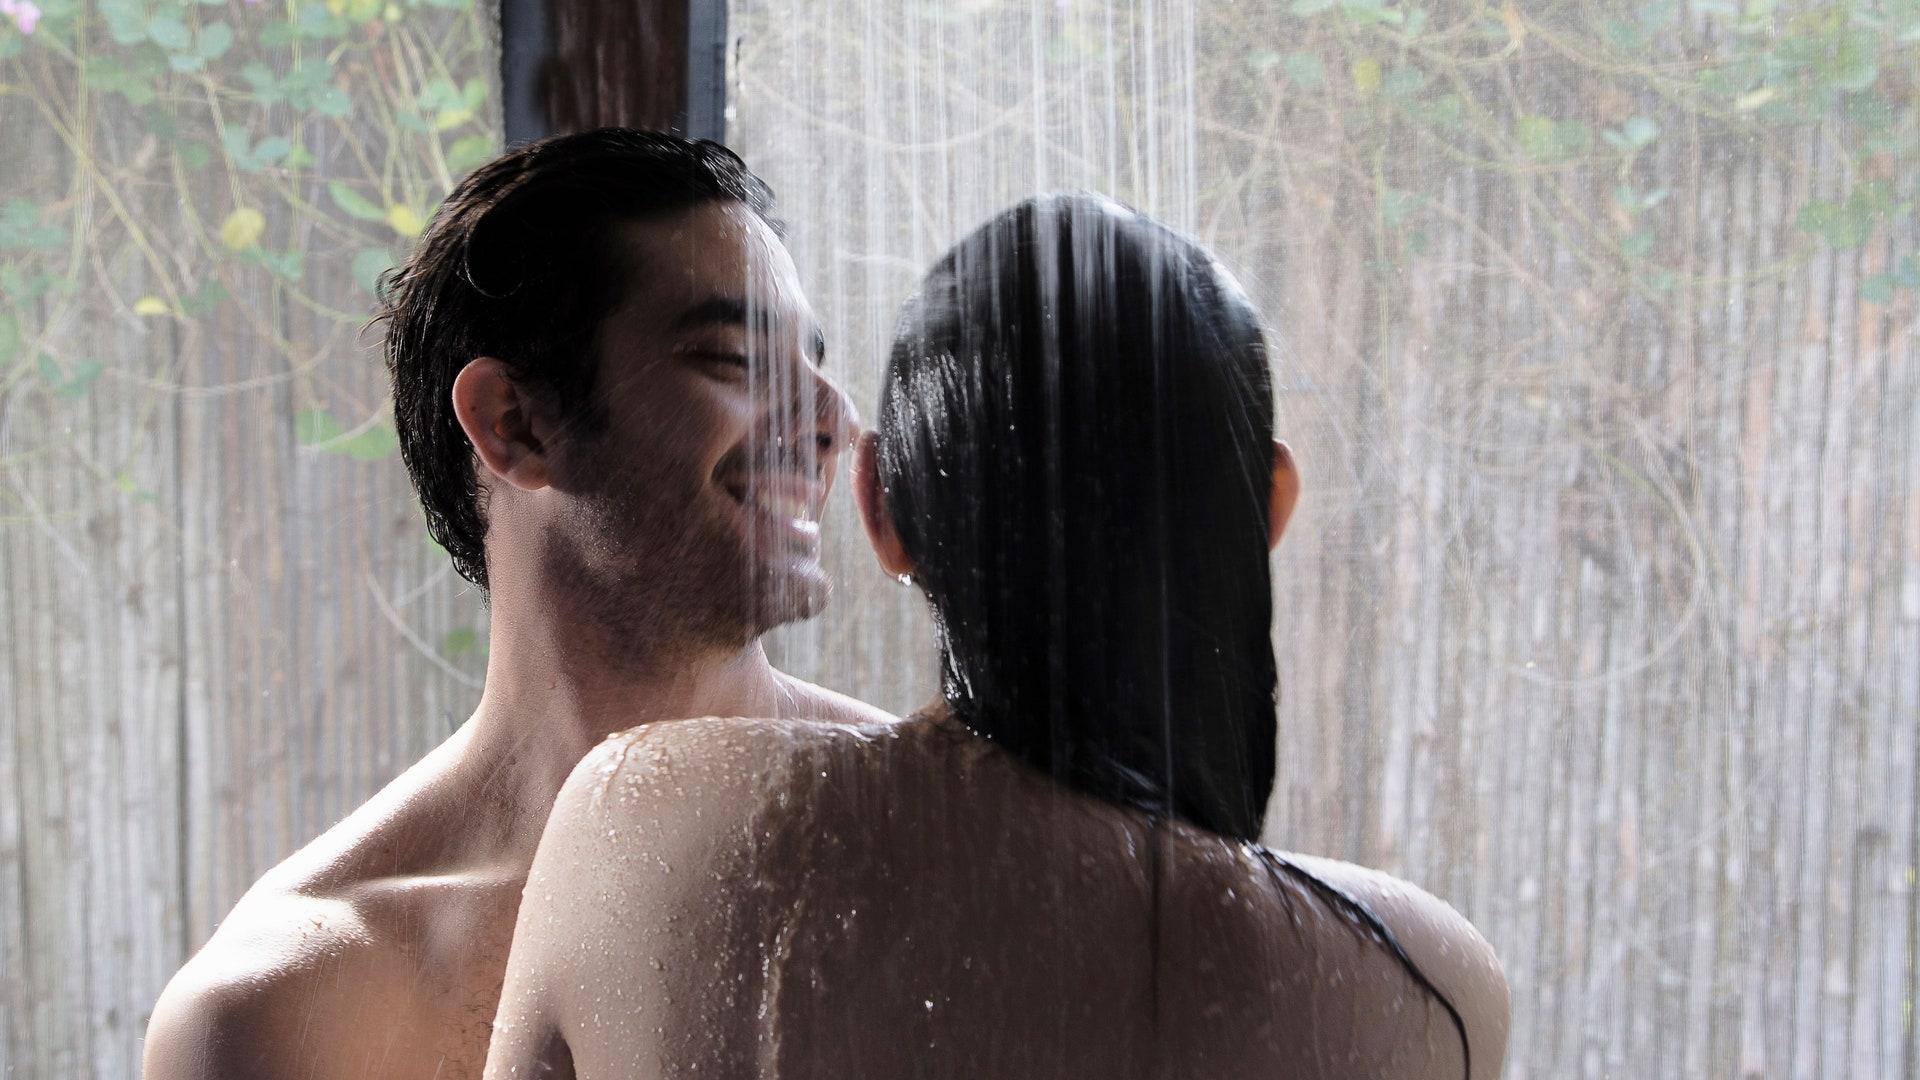 Sexo en ducha - Sexo en bañera: las mejores posturas y consejos para disfrutar al máximo